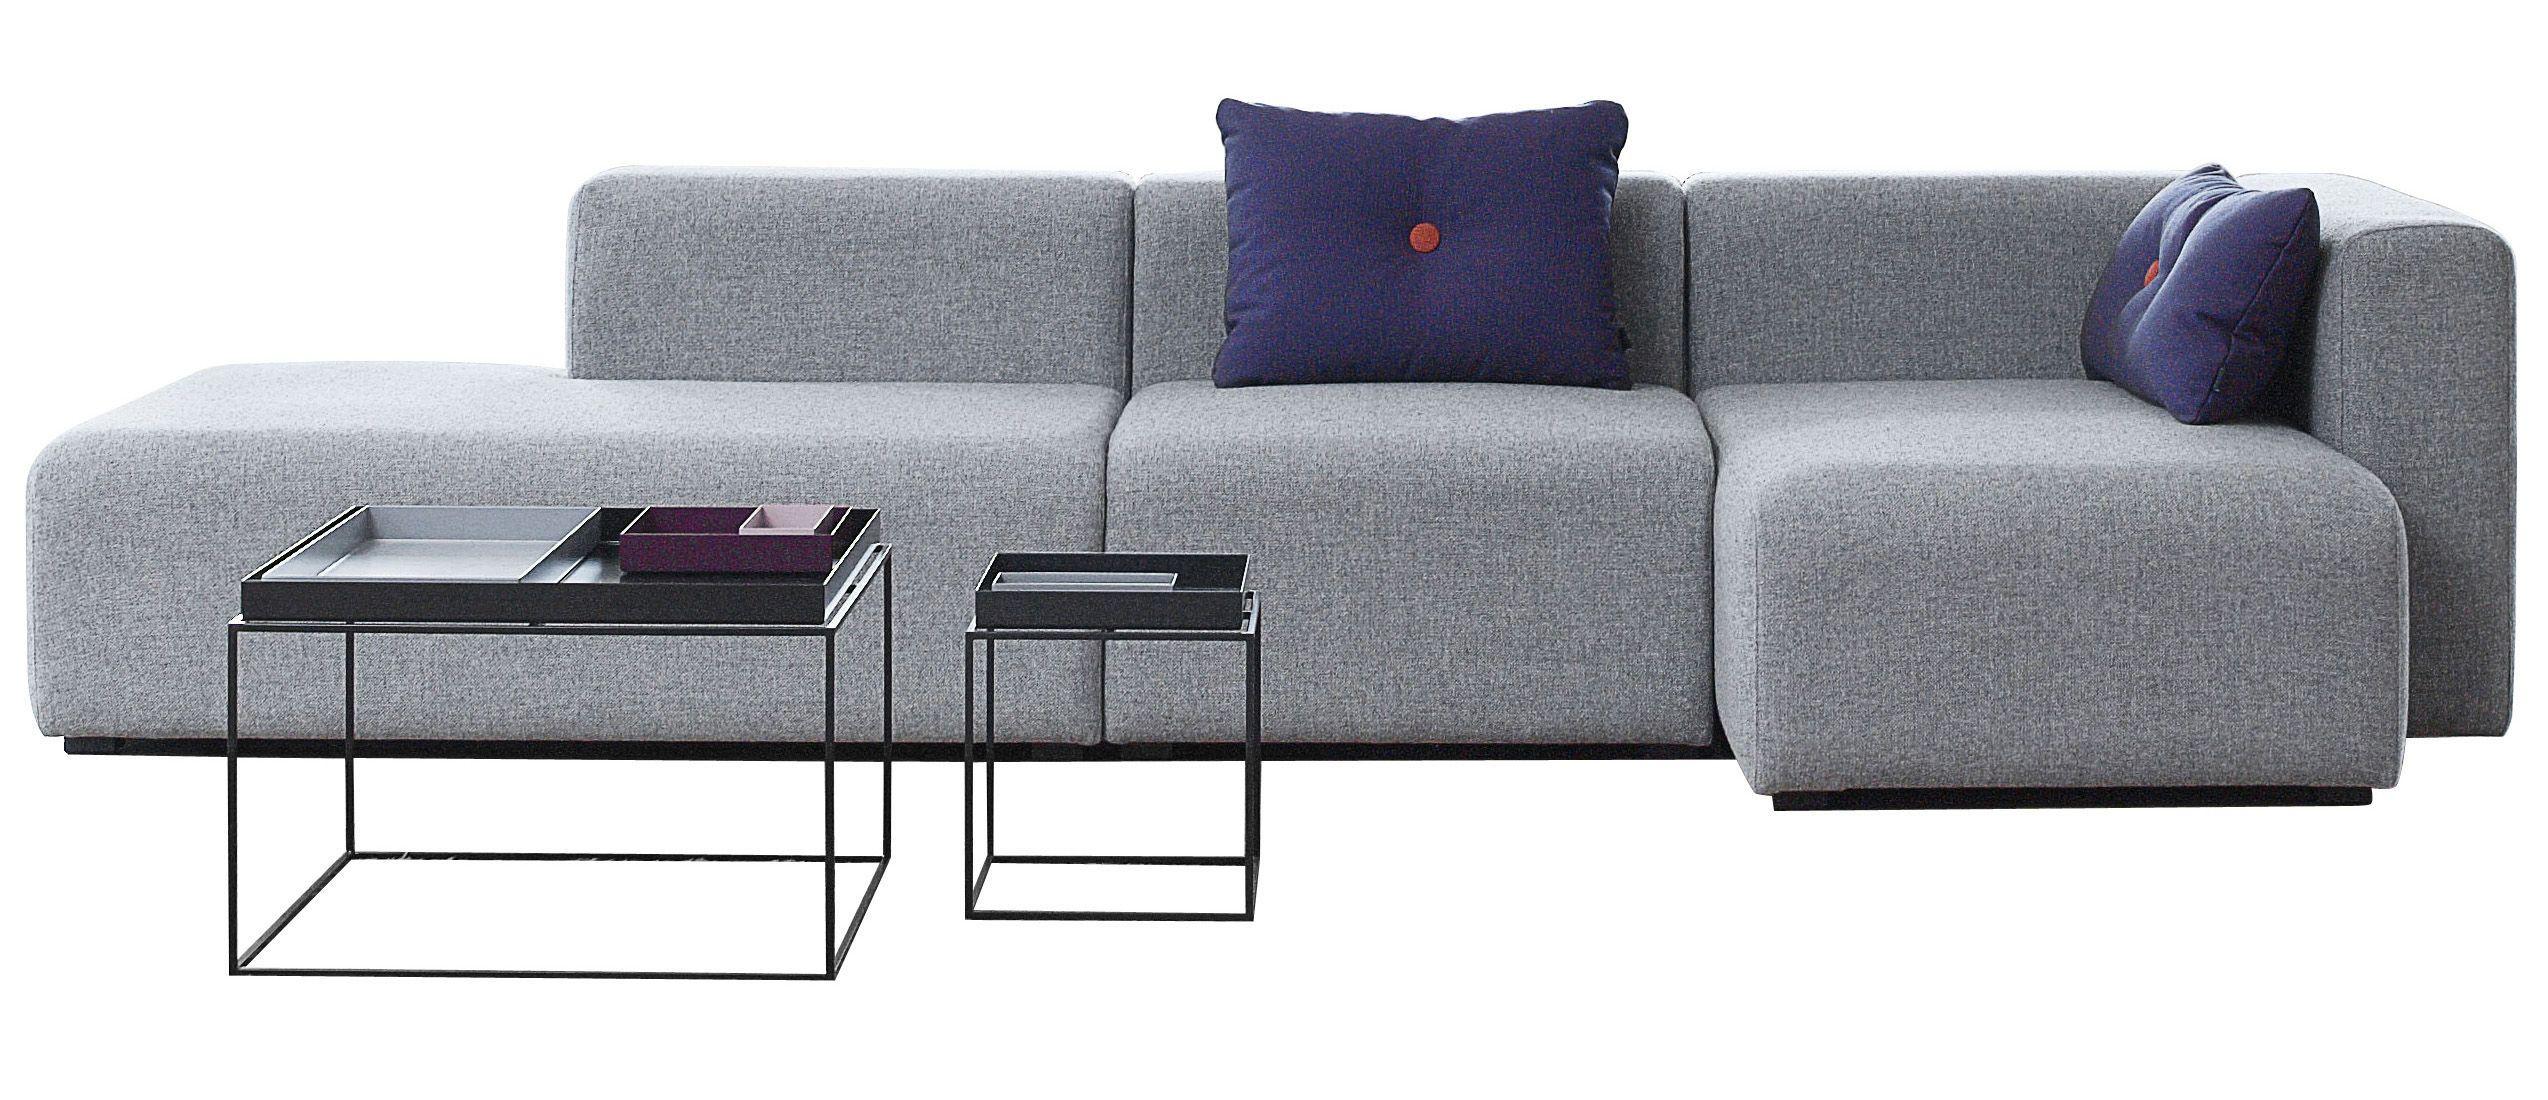 Mags Sofa L 302 cm Left armrest mags Pinterest